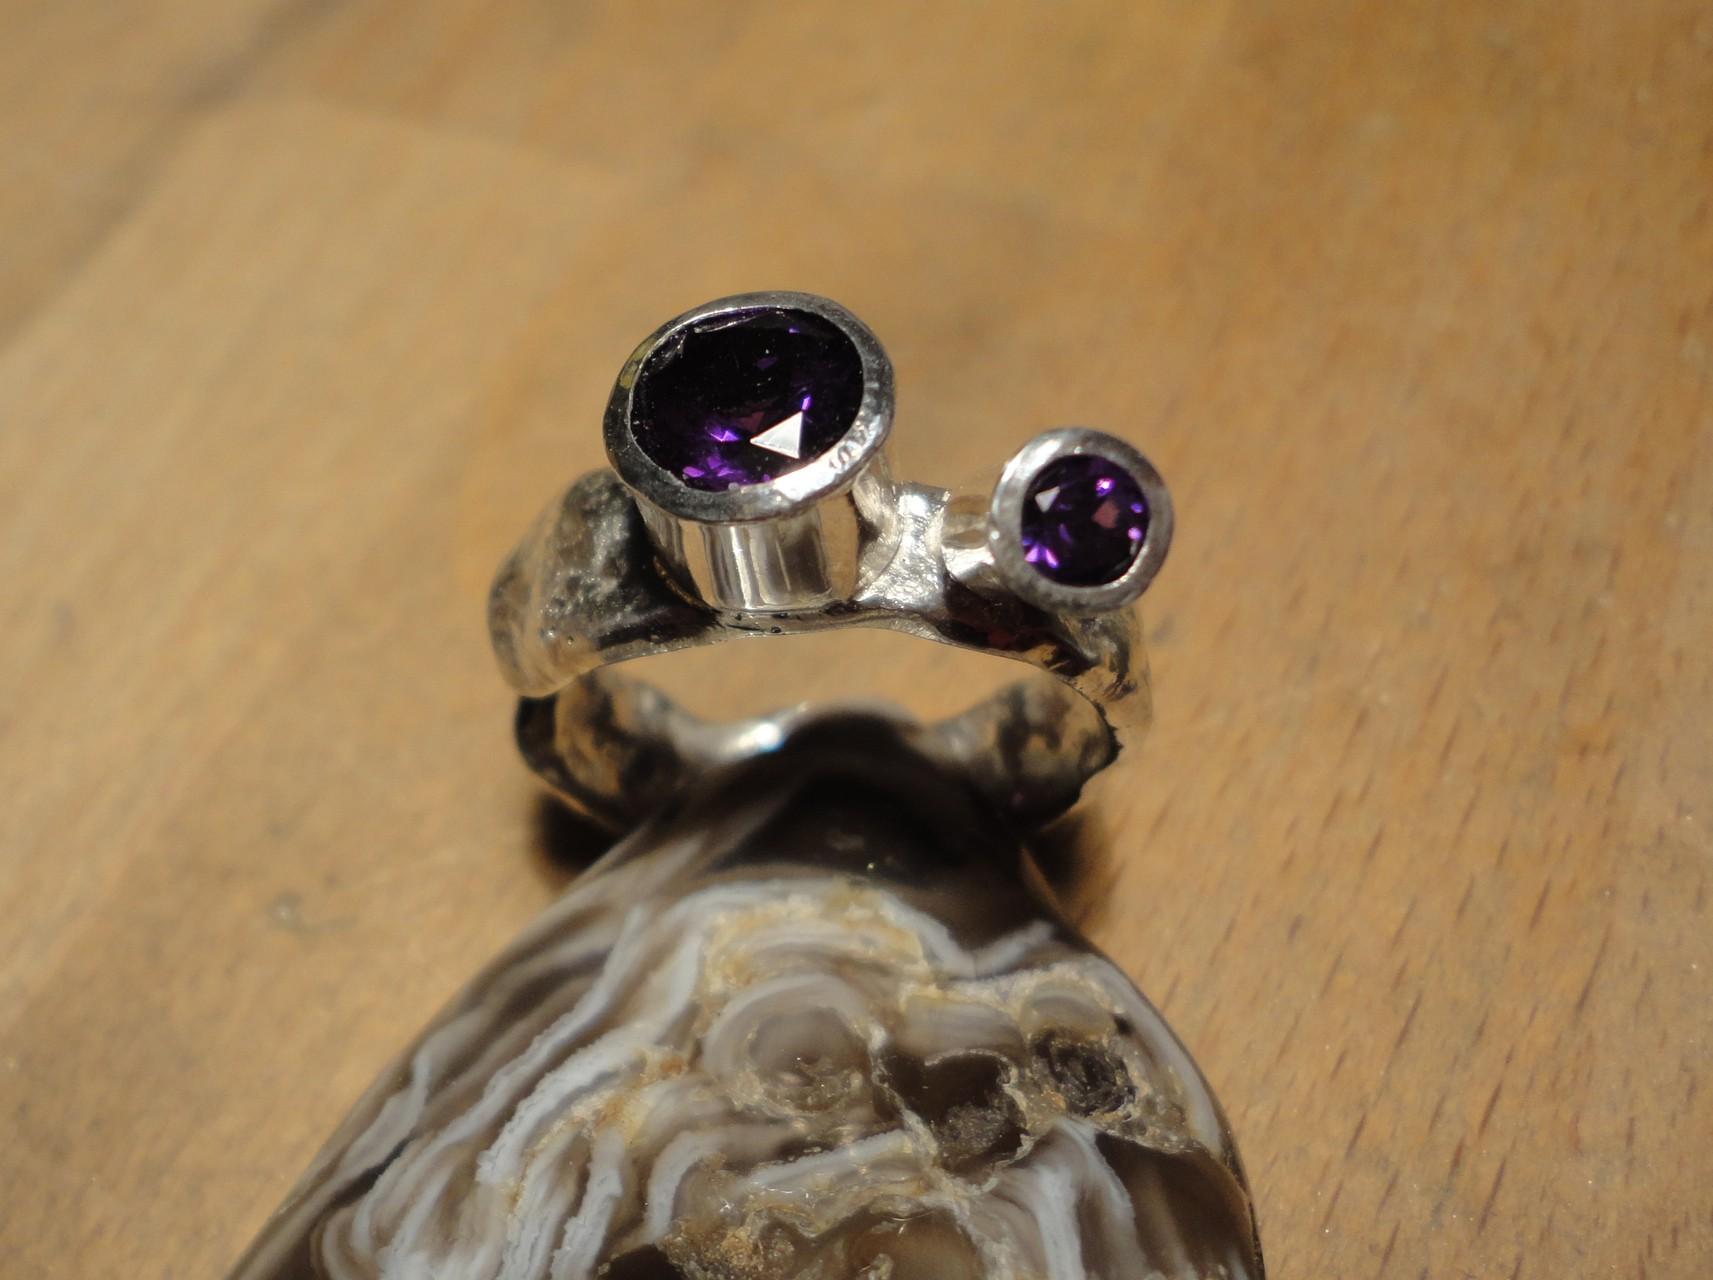 Silberring mit dunkelvioletten Amethisten (925 Sterlingsilber) Preis: CHF 250.-